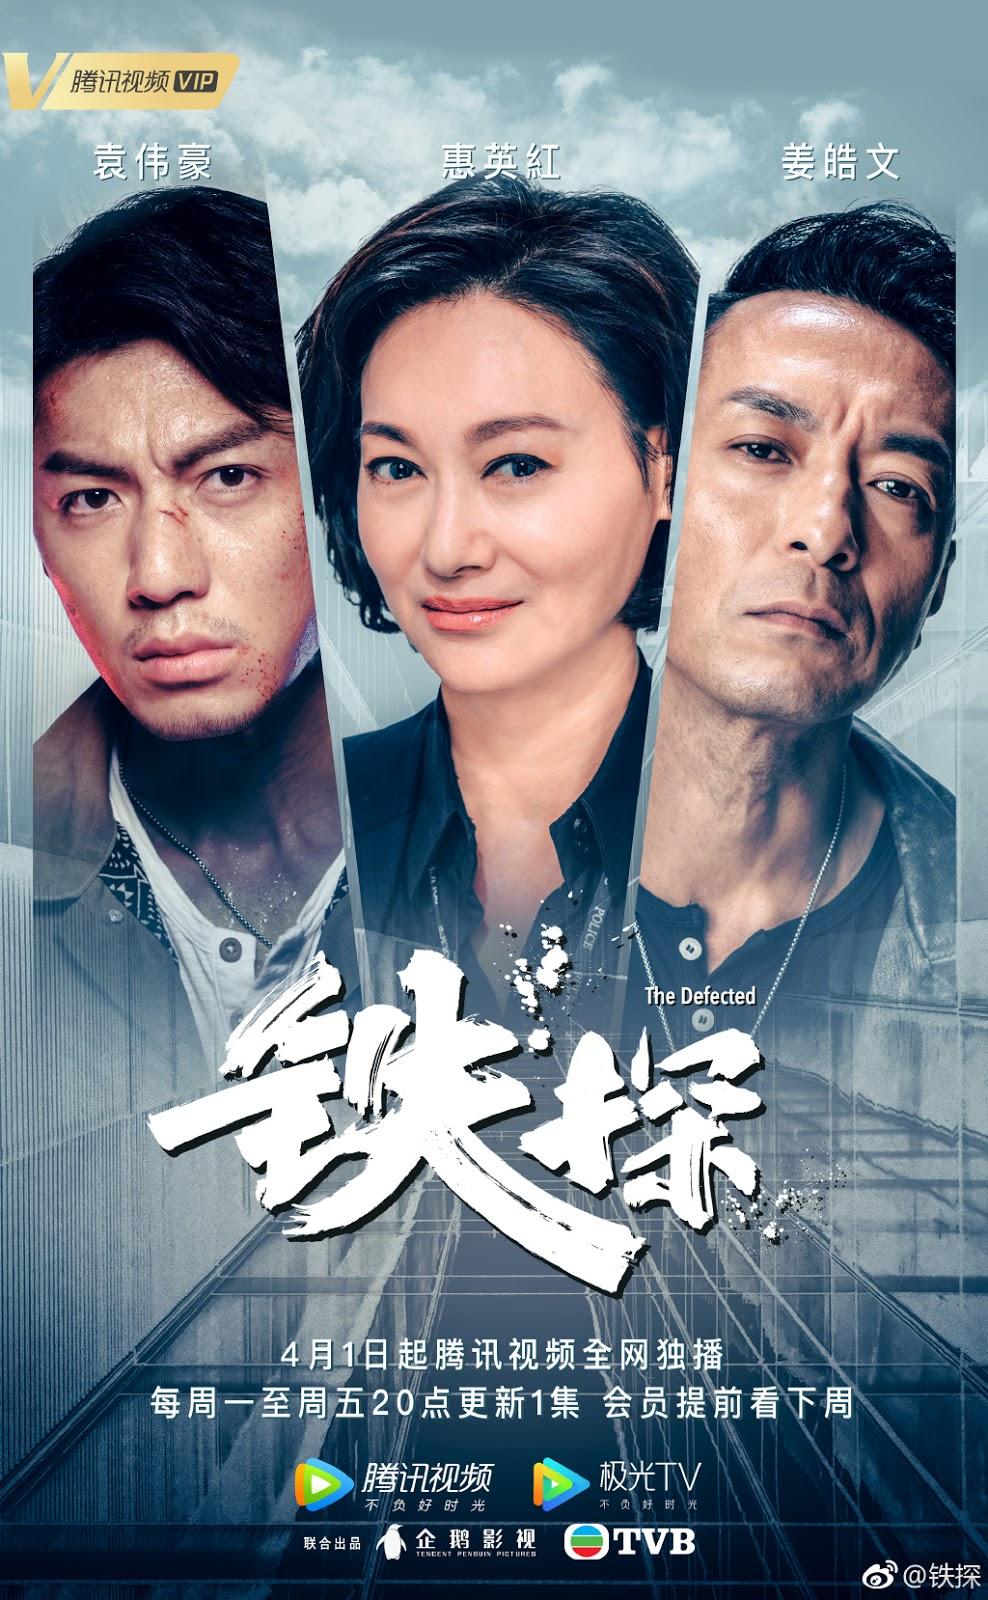 Hong Kong Sex Movie 2019